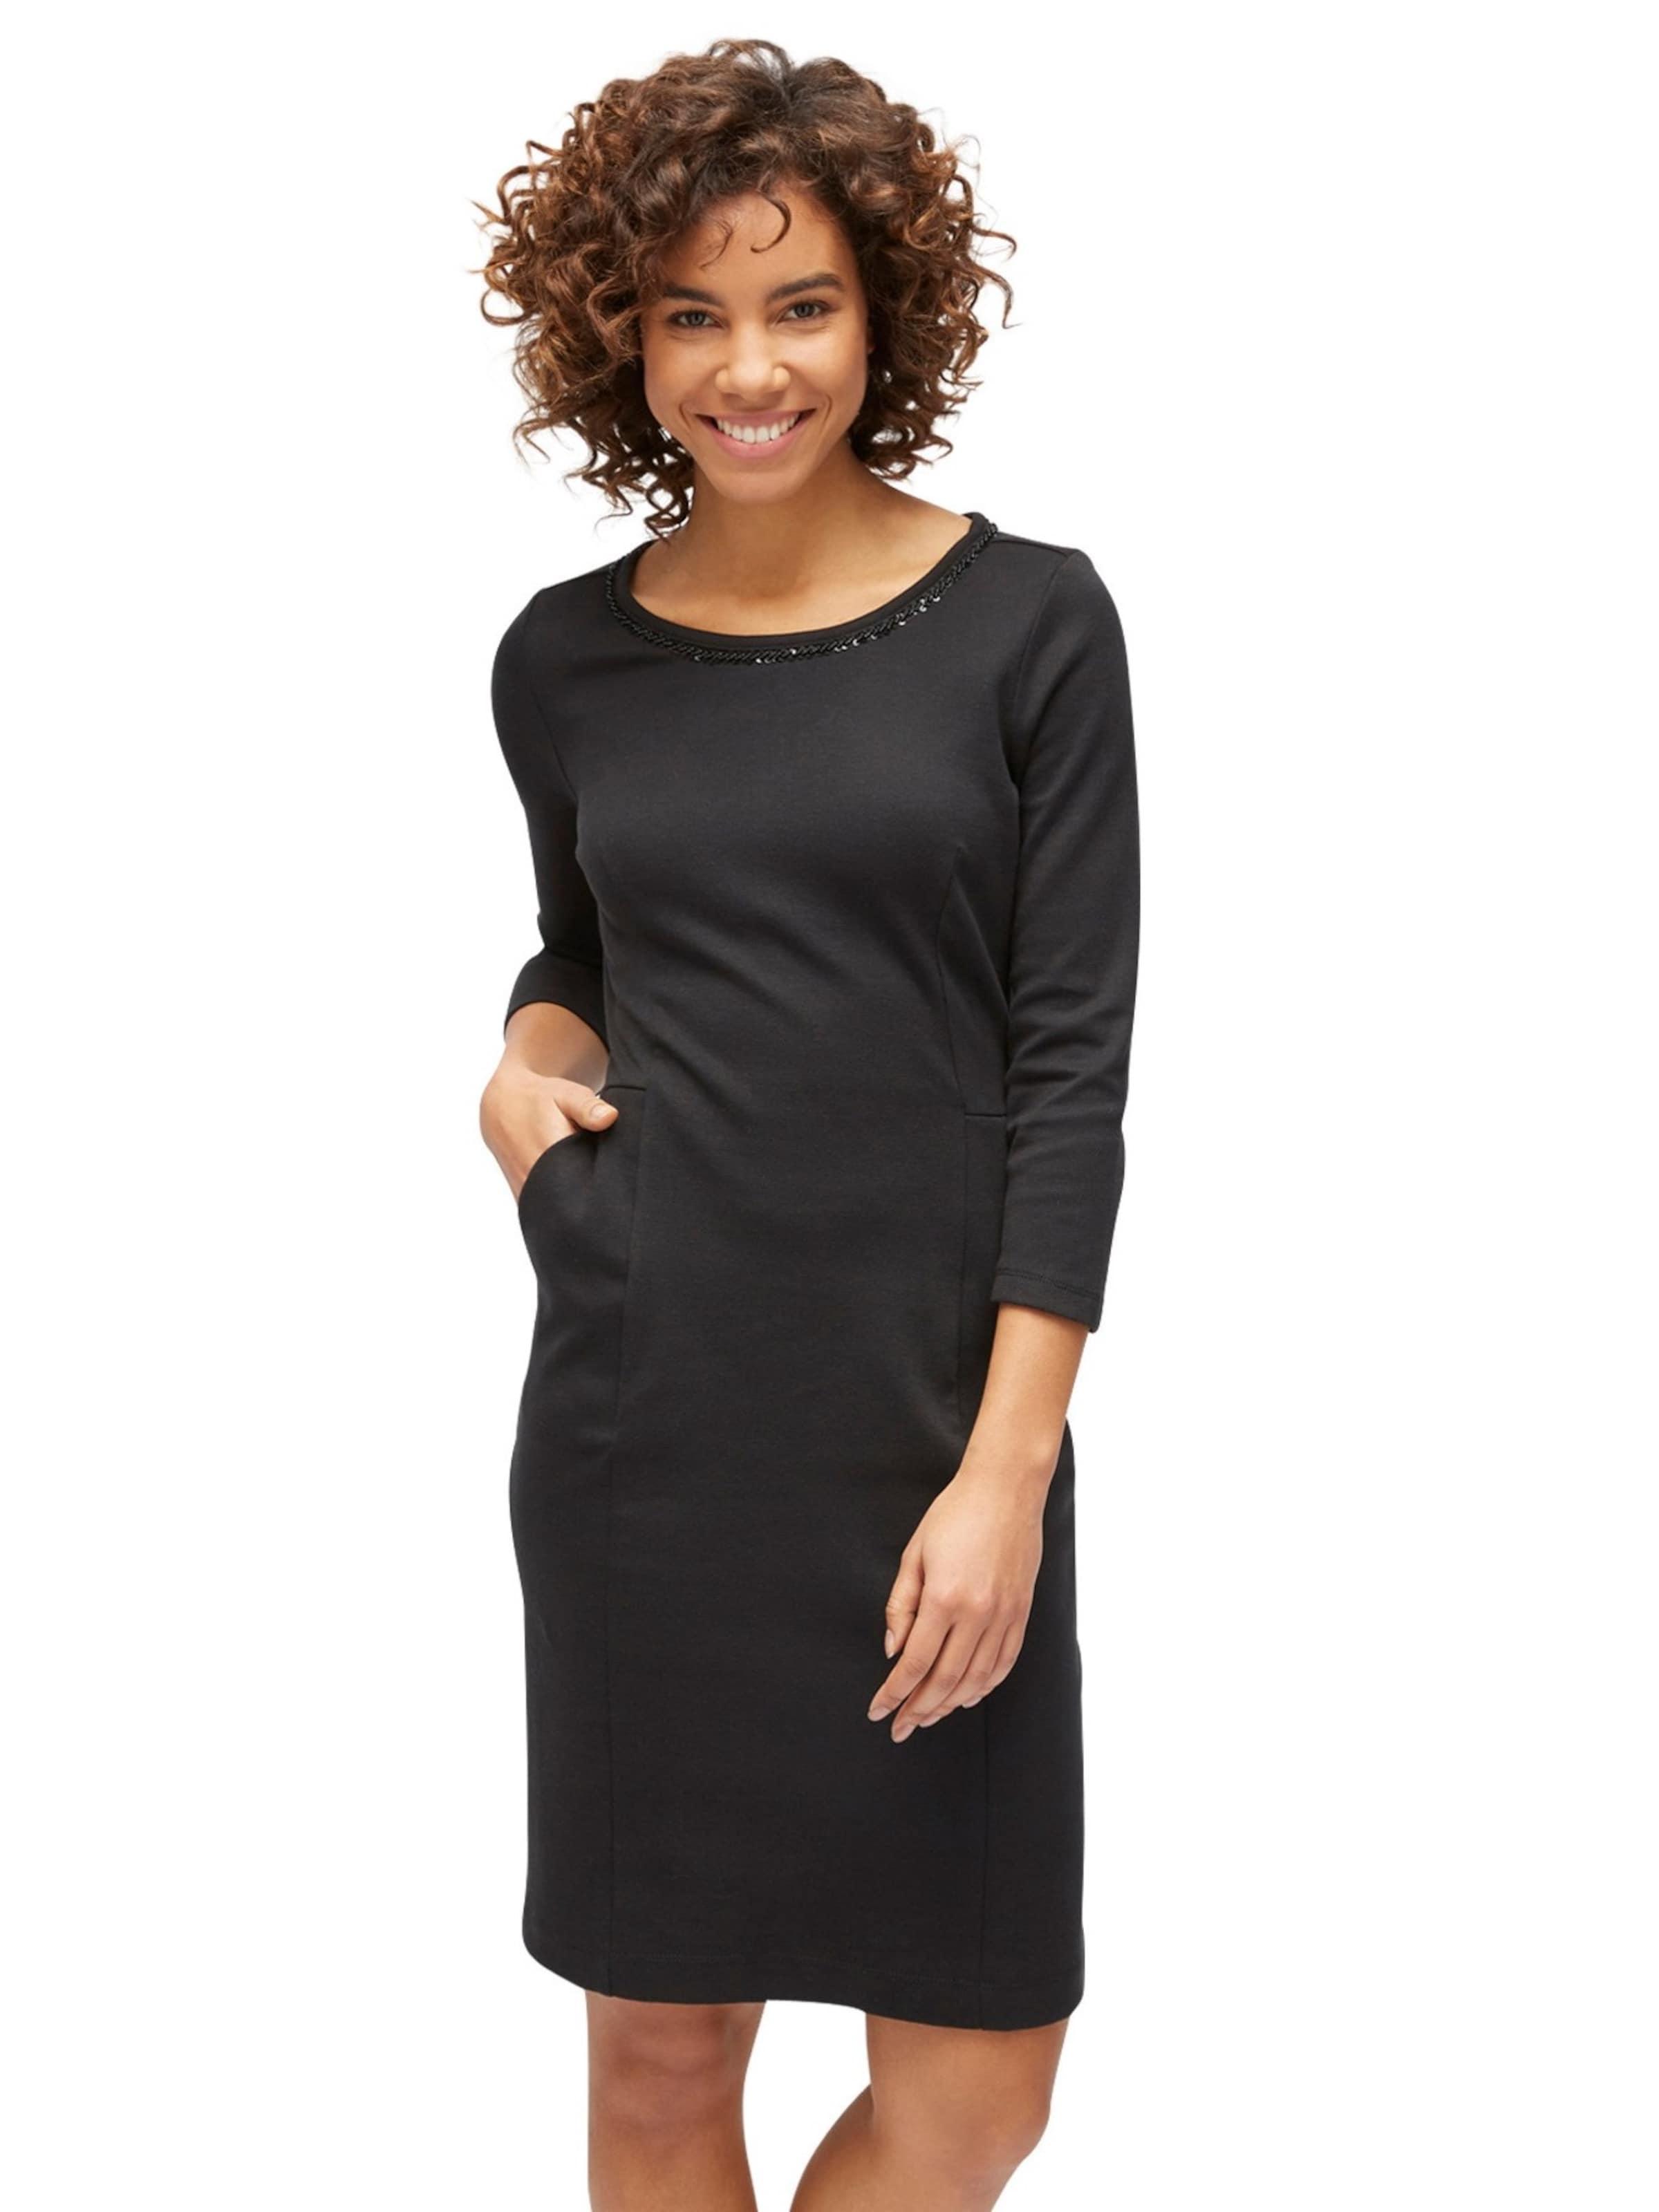 TOM TAILOR Dress Jerseykleid mit Taschen Steckdose Online Freies Verschiffen Ebay Verkauf Billig 0lRTLU